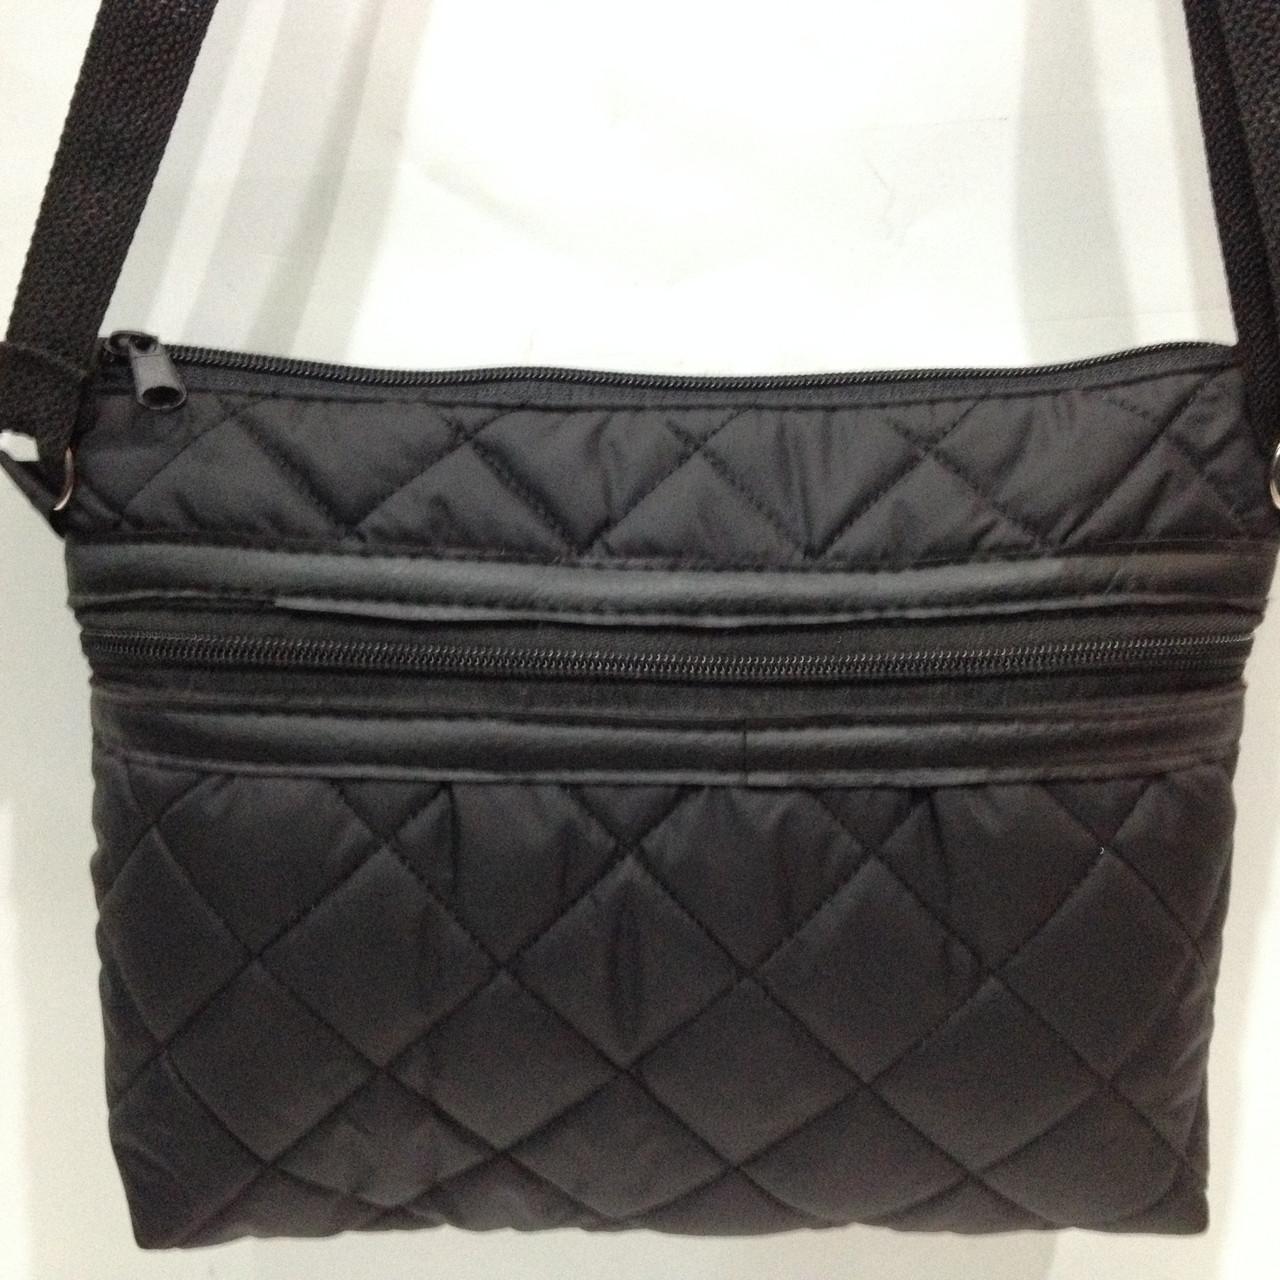 885890978ef4 Сумки Стеганые FASHION\\женщины диагональный пакет\\женская синглов сумка  на плечо(